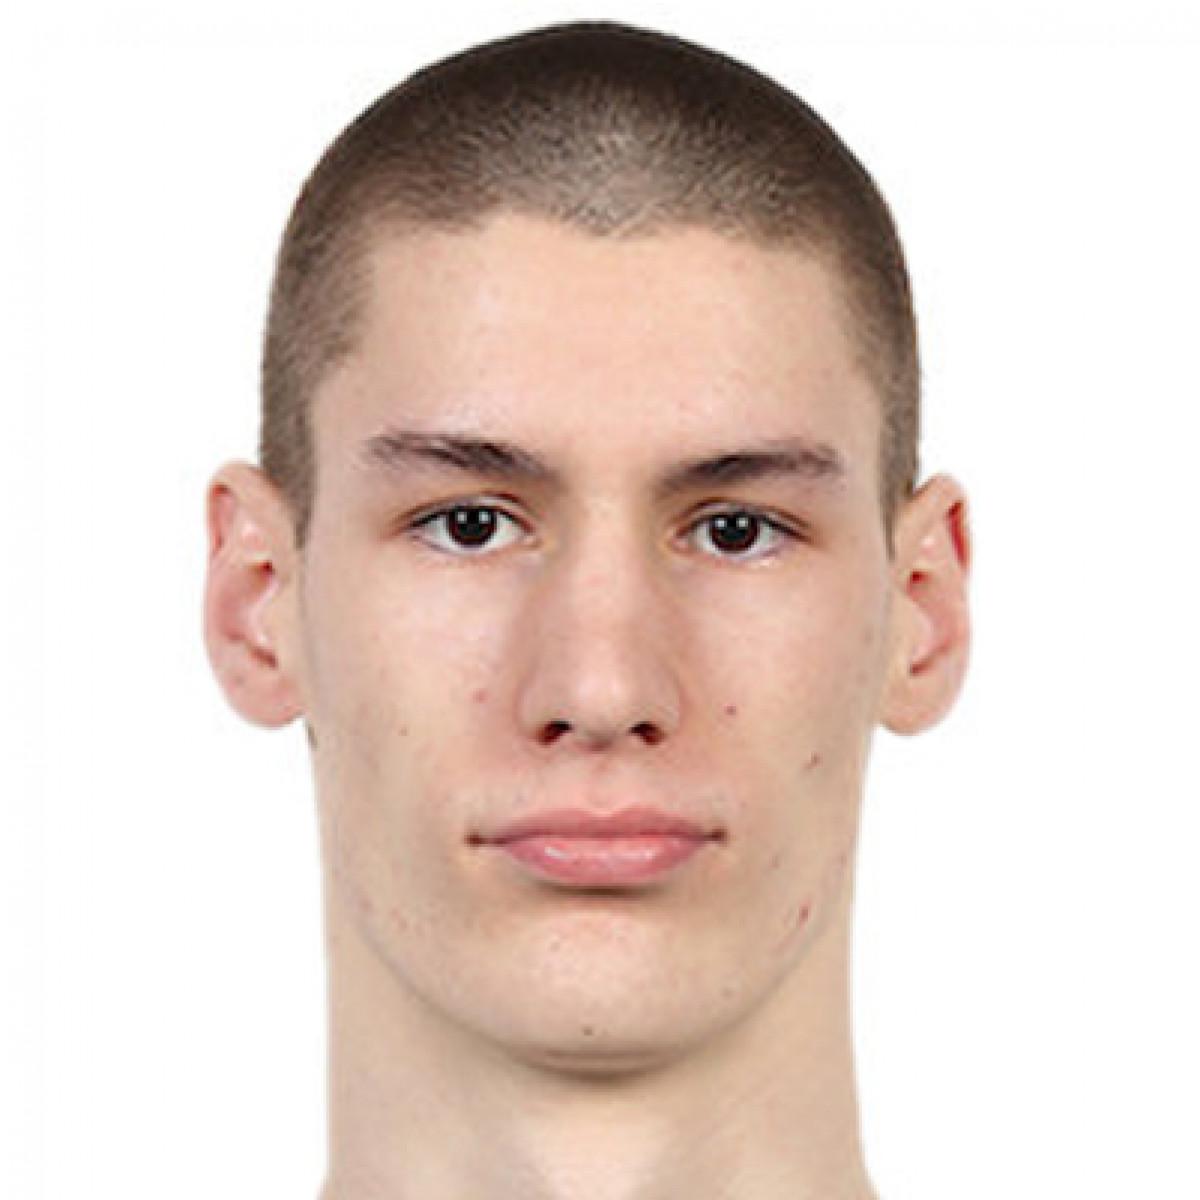 Luka Tekavcic